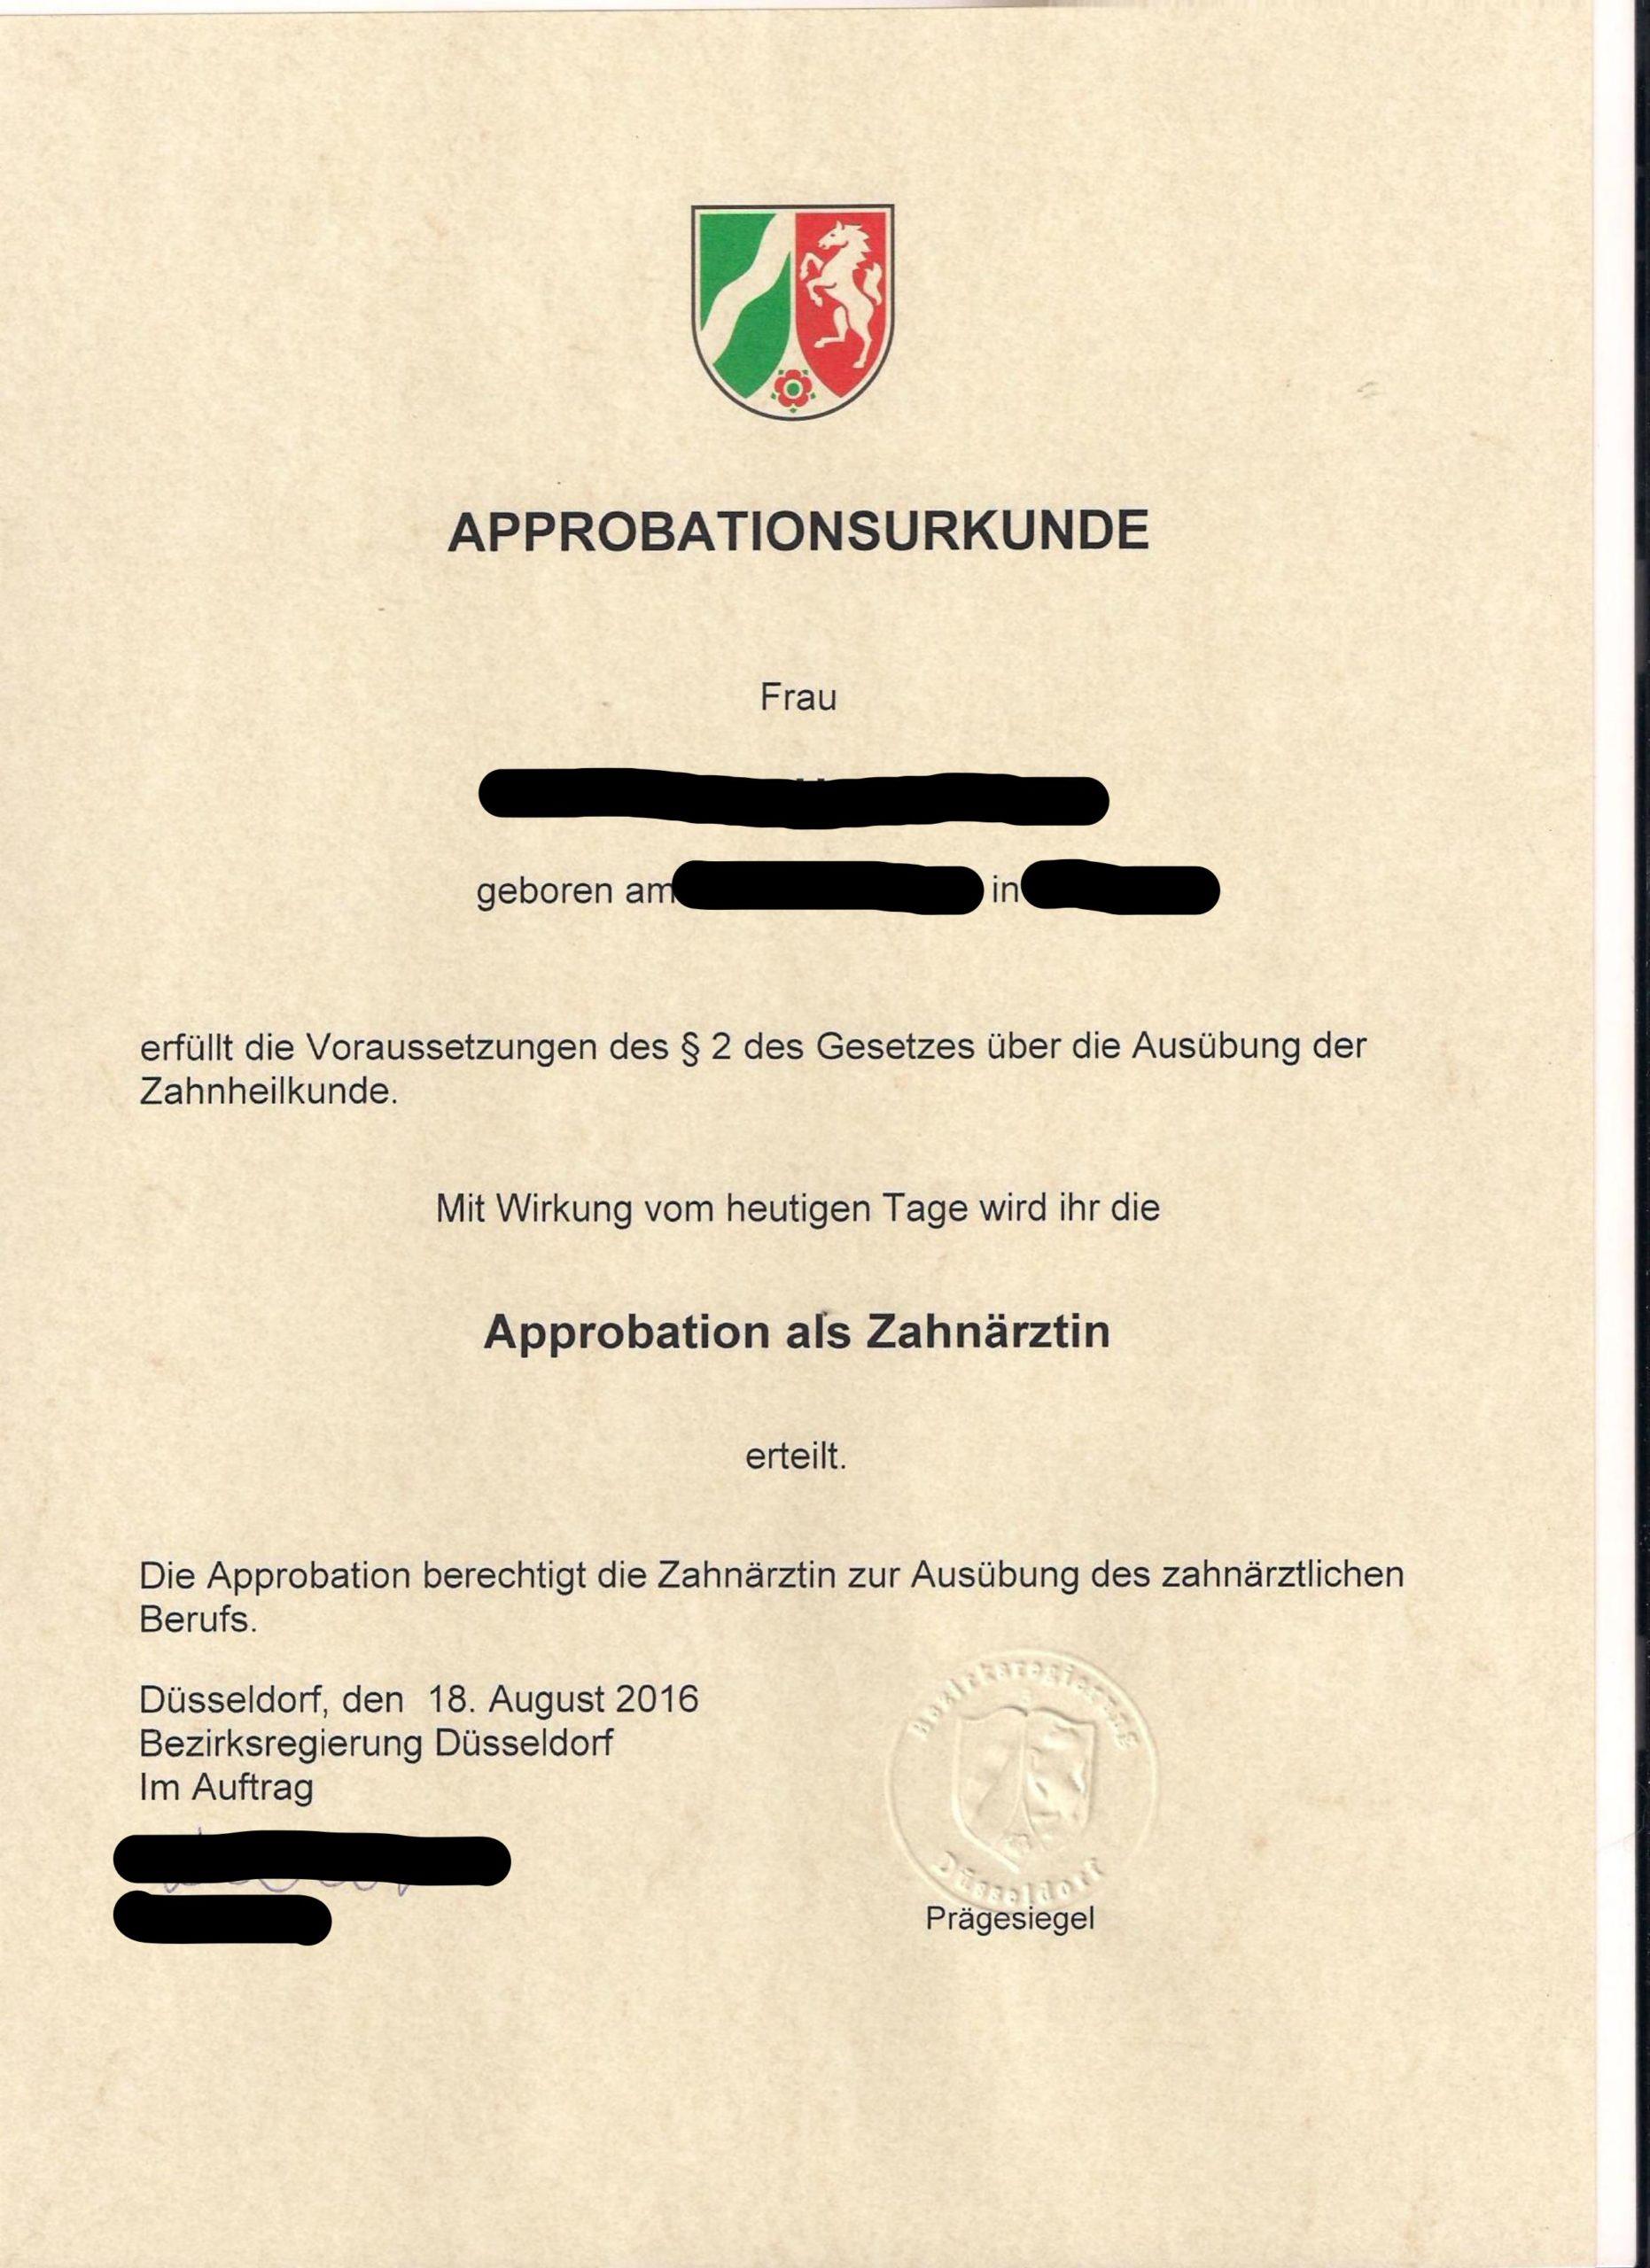 Approbationsurkunde Zahnarzt Nrw Musterubersetzungen Von Urkunden